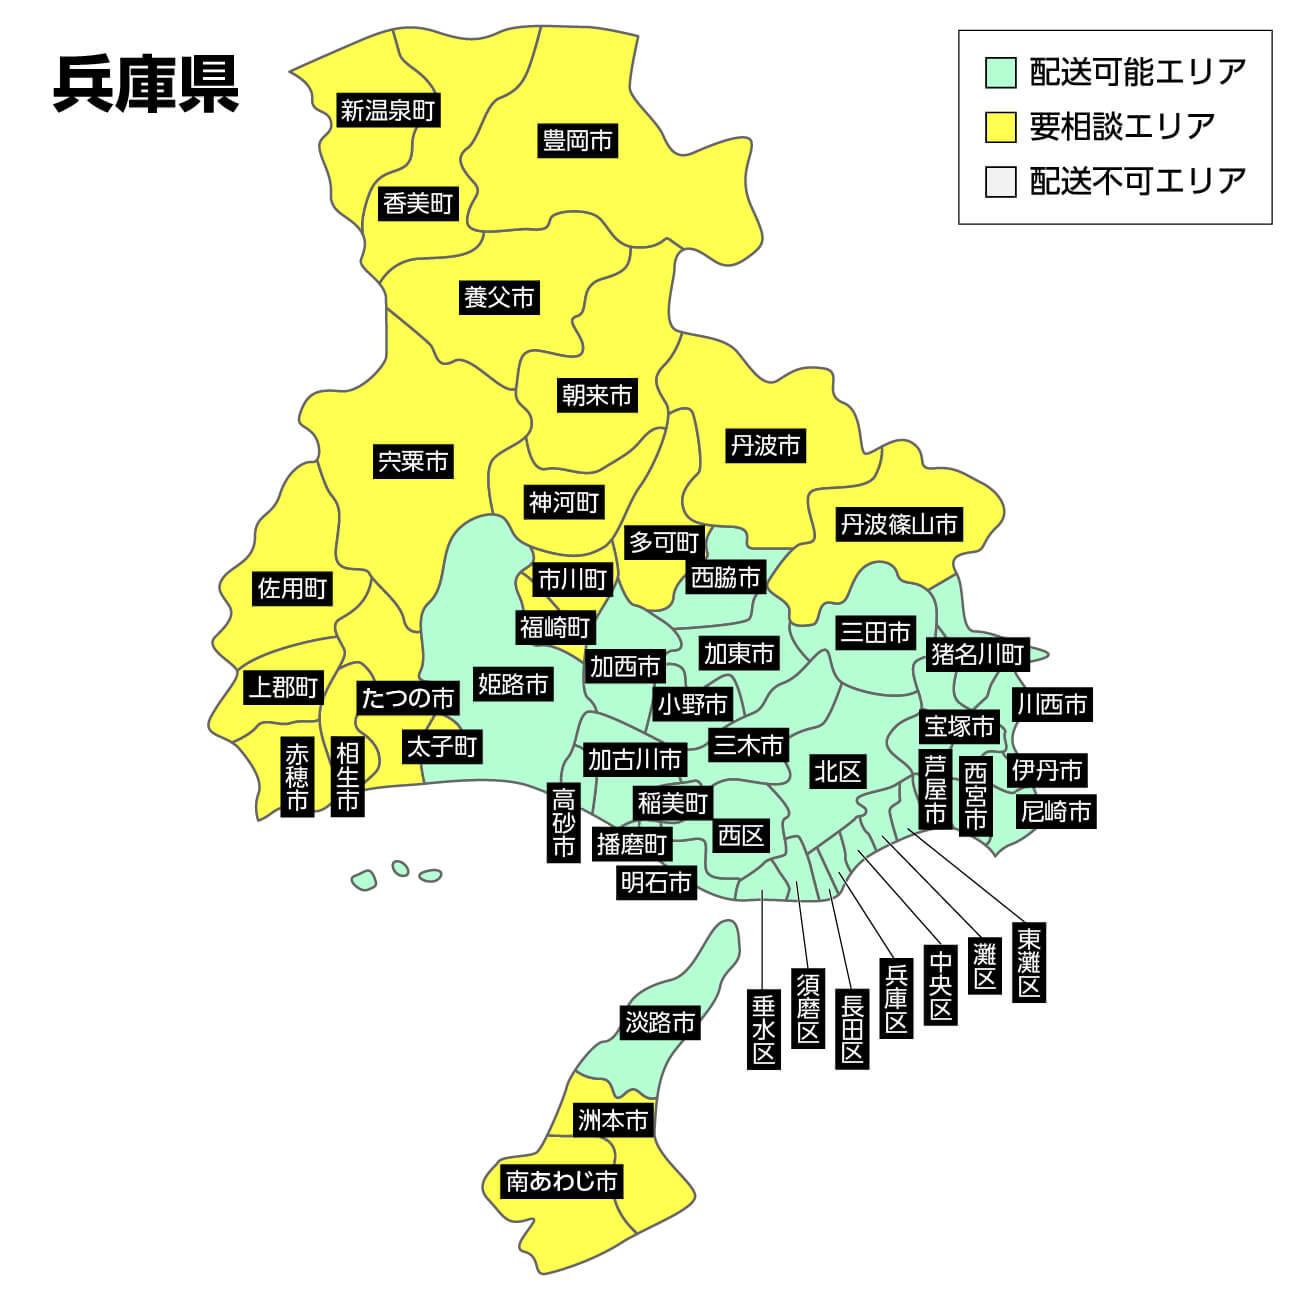 兵庫県の集荷可能エリア